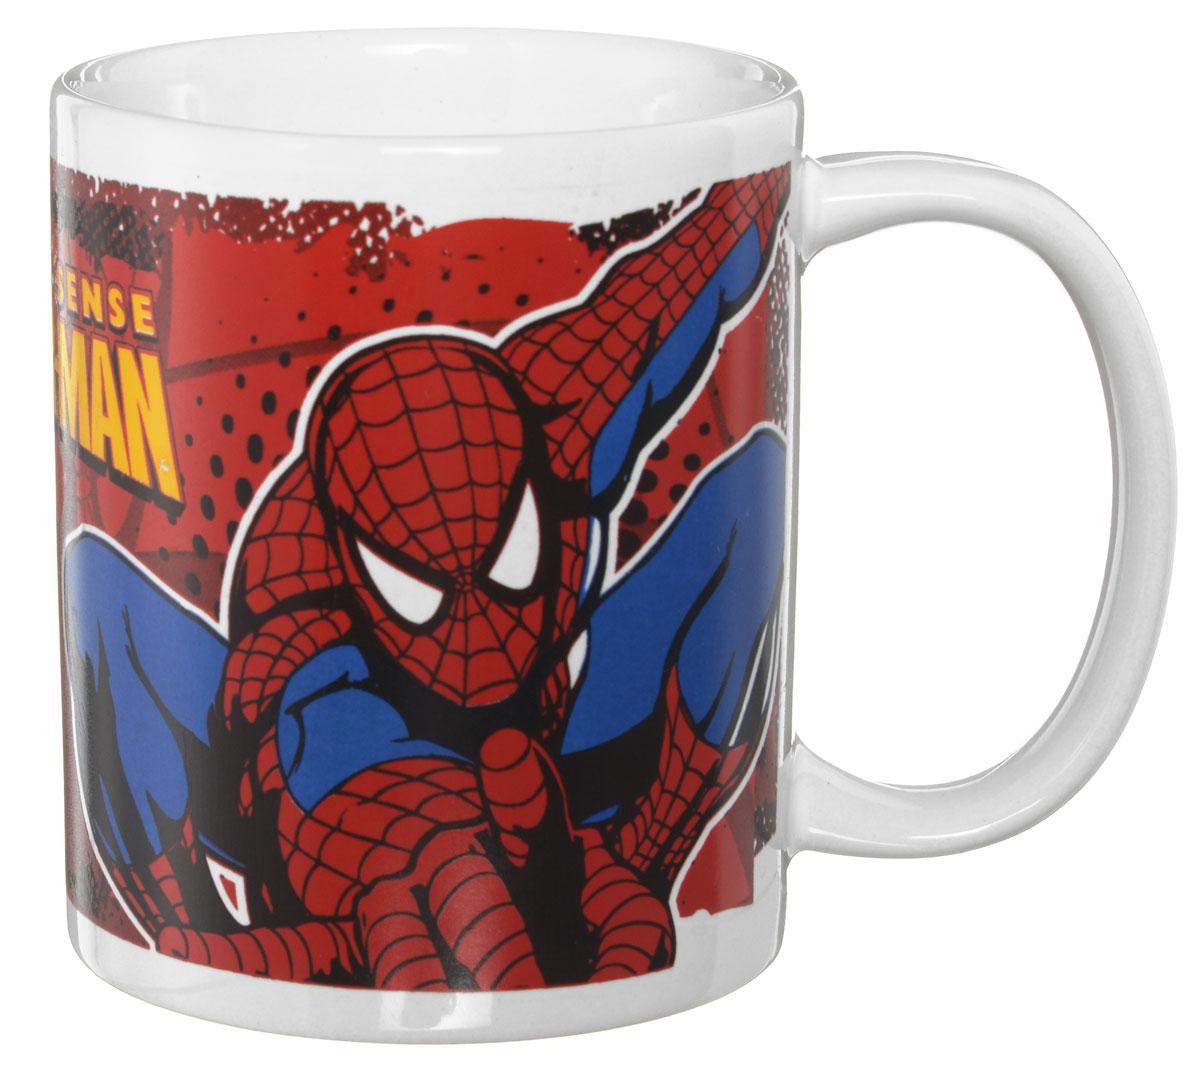 Disney Кружка детская Человек-паук 330 мл70556Детская кружка Disney Человек-паук с любимым героем станет отличным подарком для вашего ребенка. Она выполнена из керамики и оформлена изображением героя мультфильма Человек-паук. Кружка дополнена удобной ручкой. Такой подарок станет не только приятным, но и практичным сувениром: кружка будет незаменимым атрибутом чаепития, а оригинальное оформление кружки добавит ярких эмоций и хорошего настроения. Можно использовать в СВЧ-печи и посудомоечной машине.